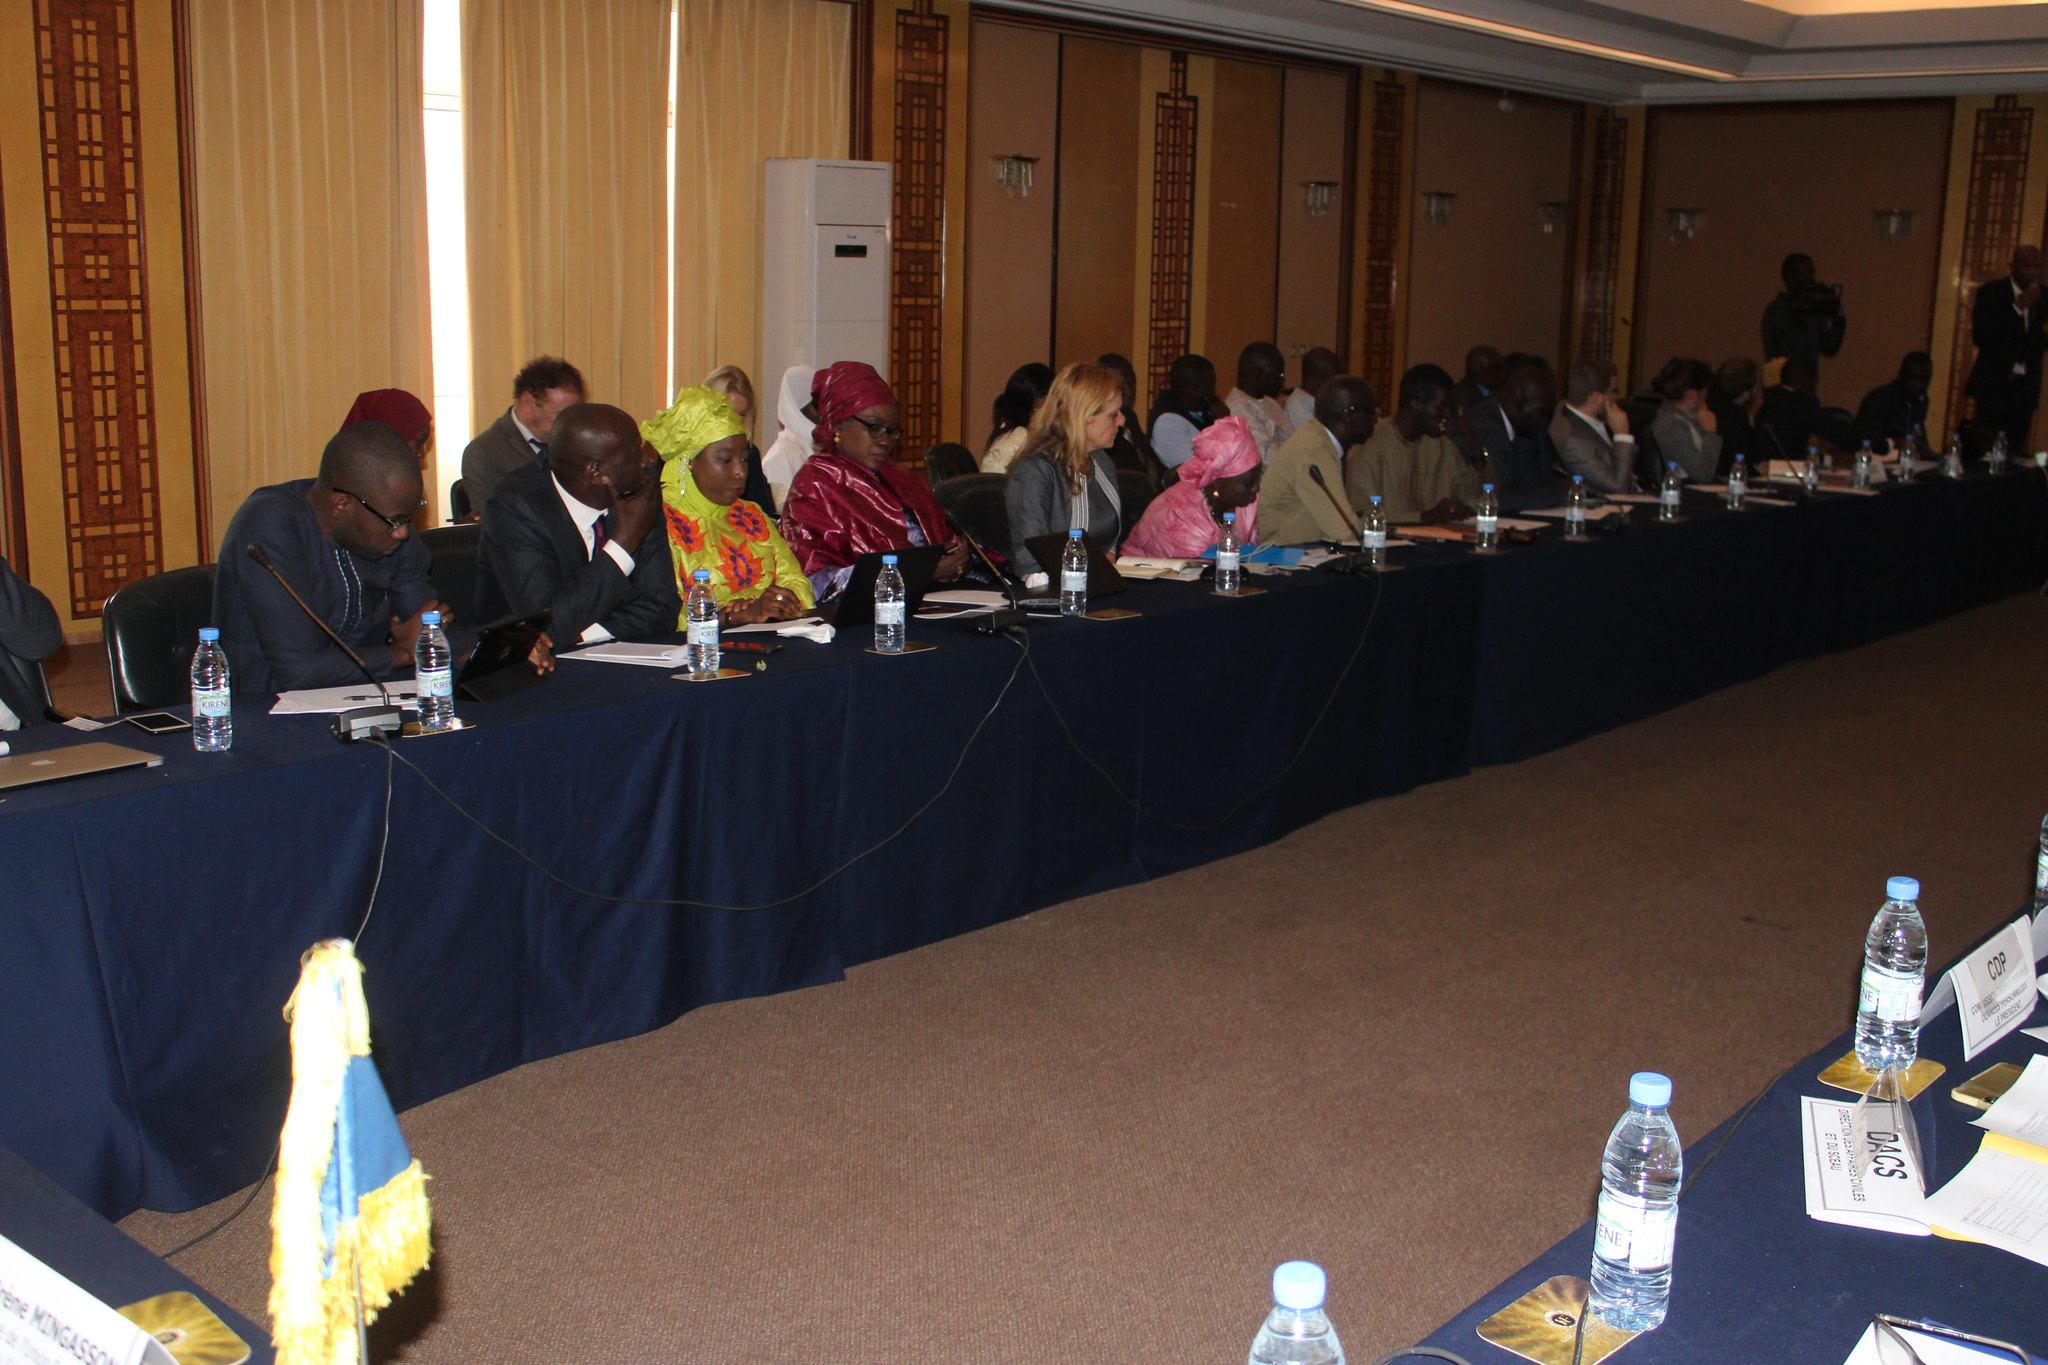 Programme Direction Etat Civil, Modernisation de l'Etat Civil au Sénégal, Aliou Ousmane Sall Directeur de l'Etat Civil Sénégal (17)